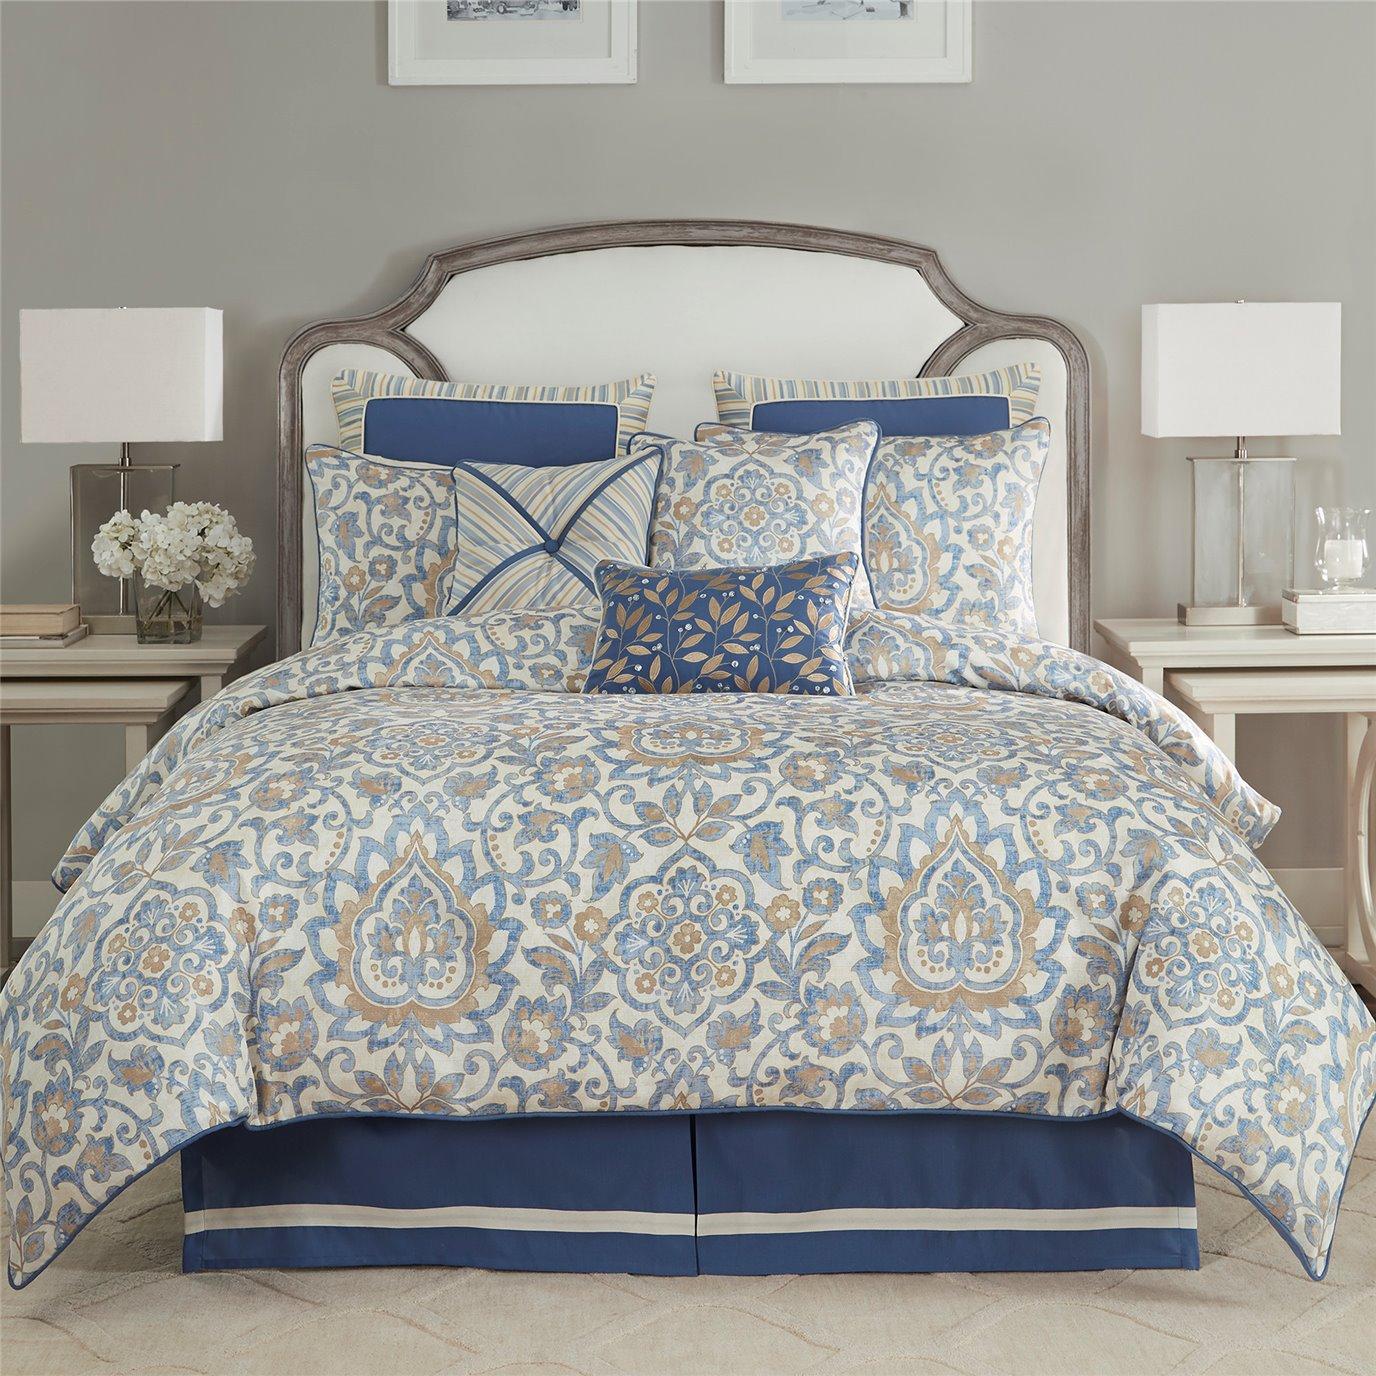 Croscill Janine Queen 4 Piece Comforter Set